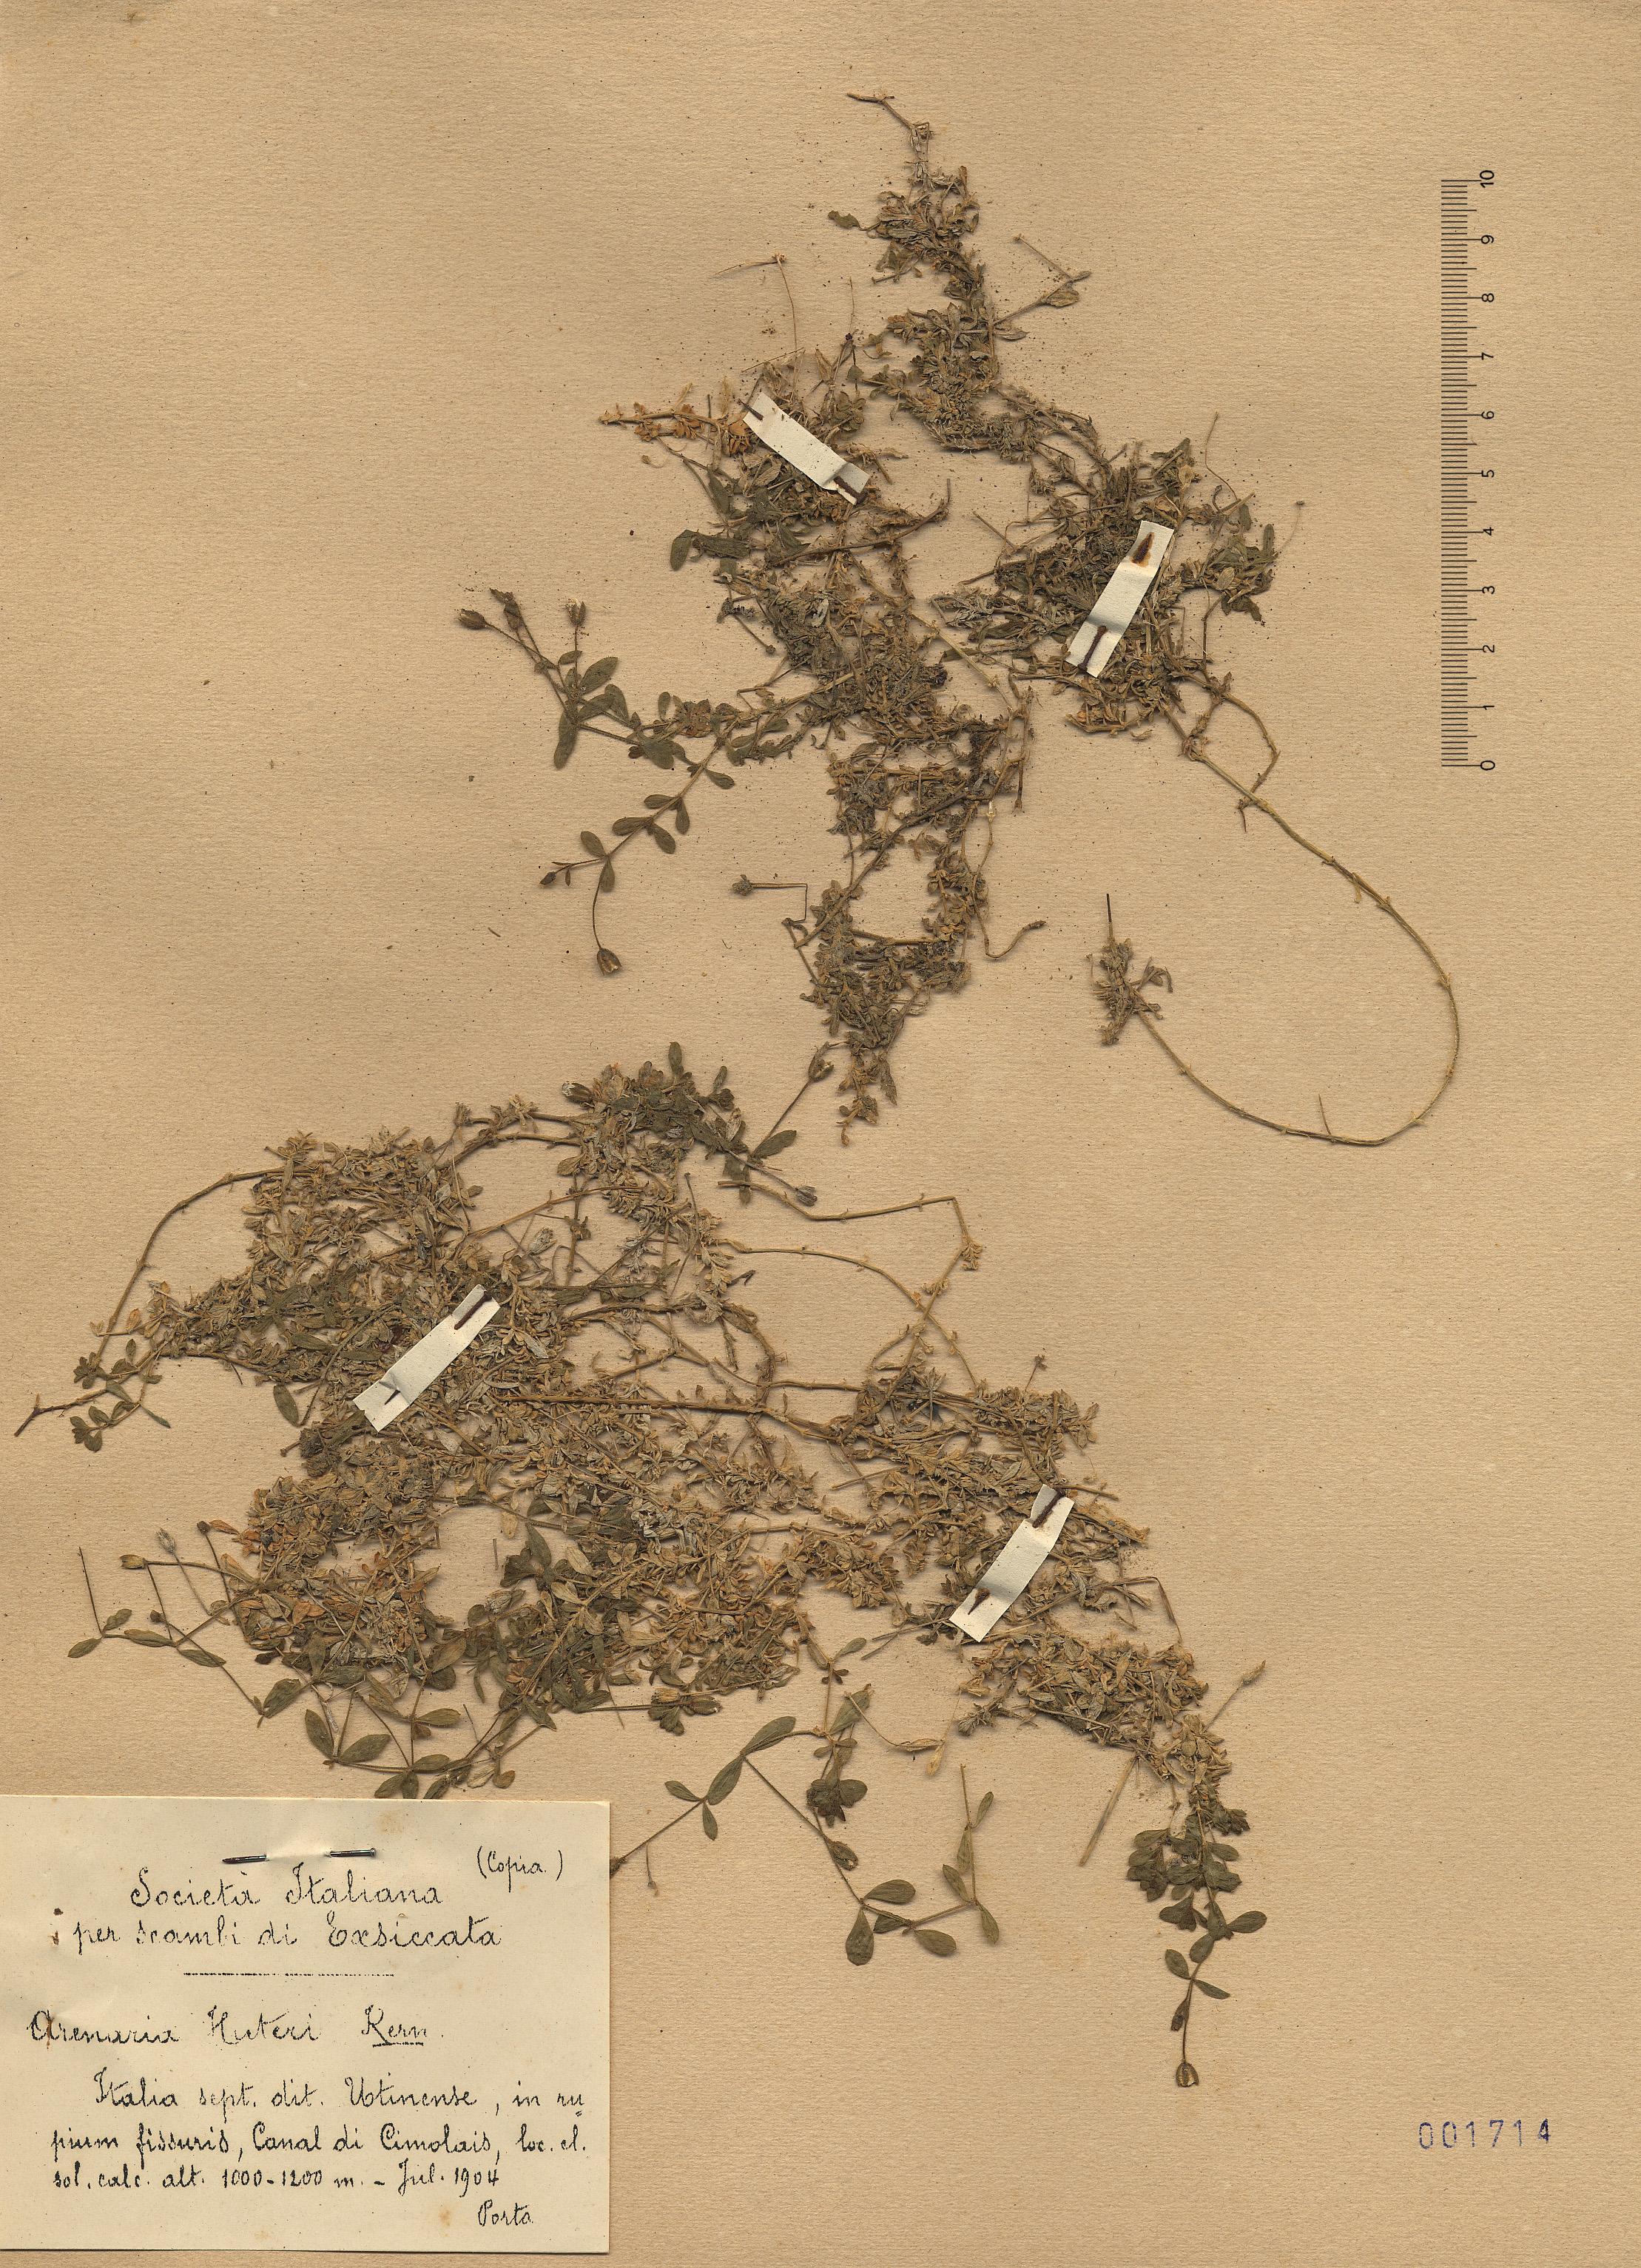 © Hortus Botanicus Catinensis - Herb. sheet 001714<br>